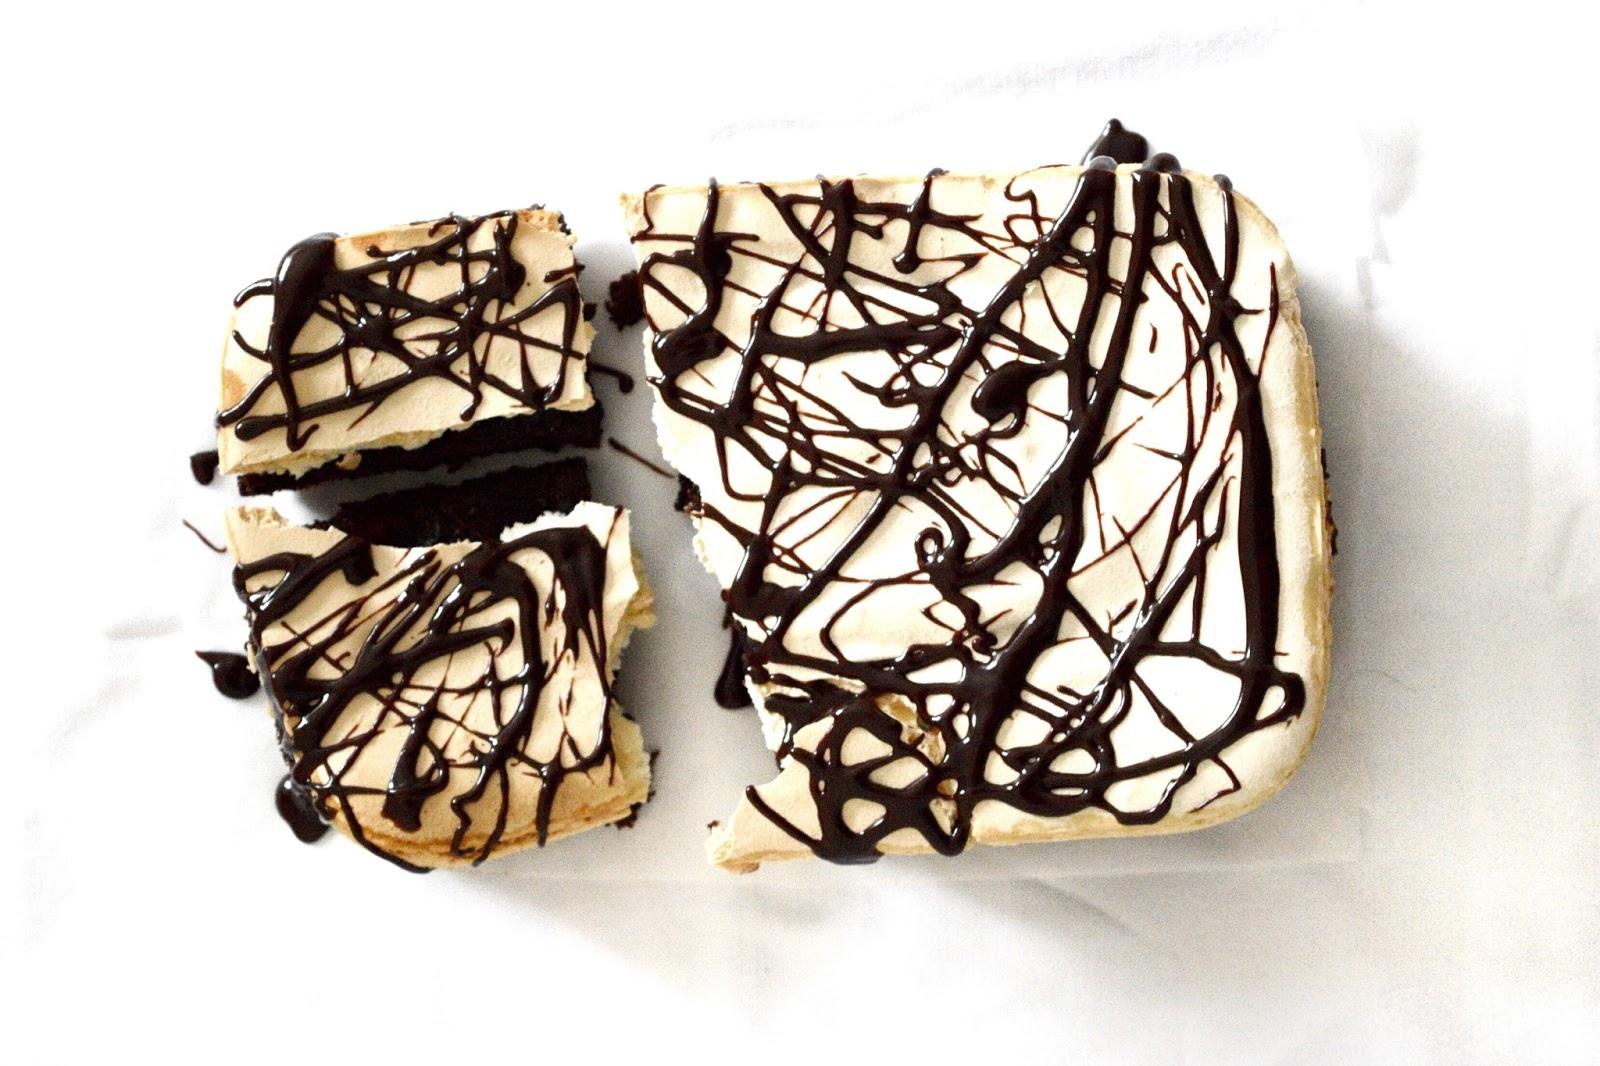 meringue chocolate brownies recipe